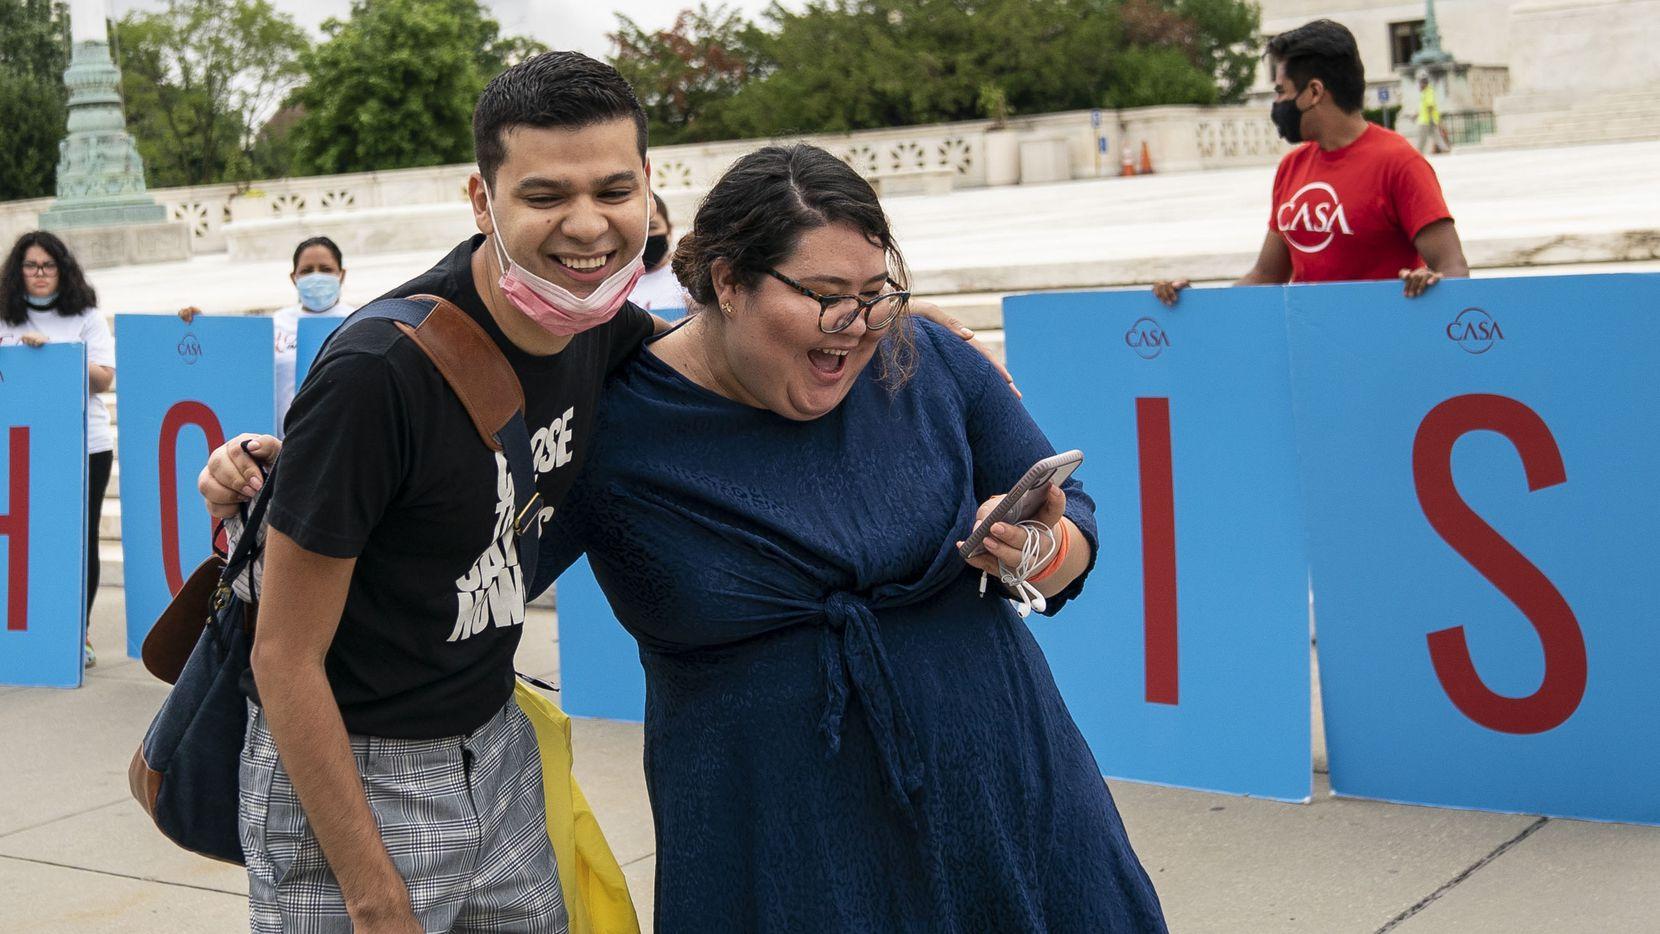 Greisa Martinez, quien creció en Dallas, celebró la decisión de la Corte Suprema que mantuvo con vida a DACA.